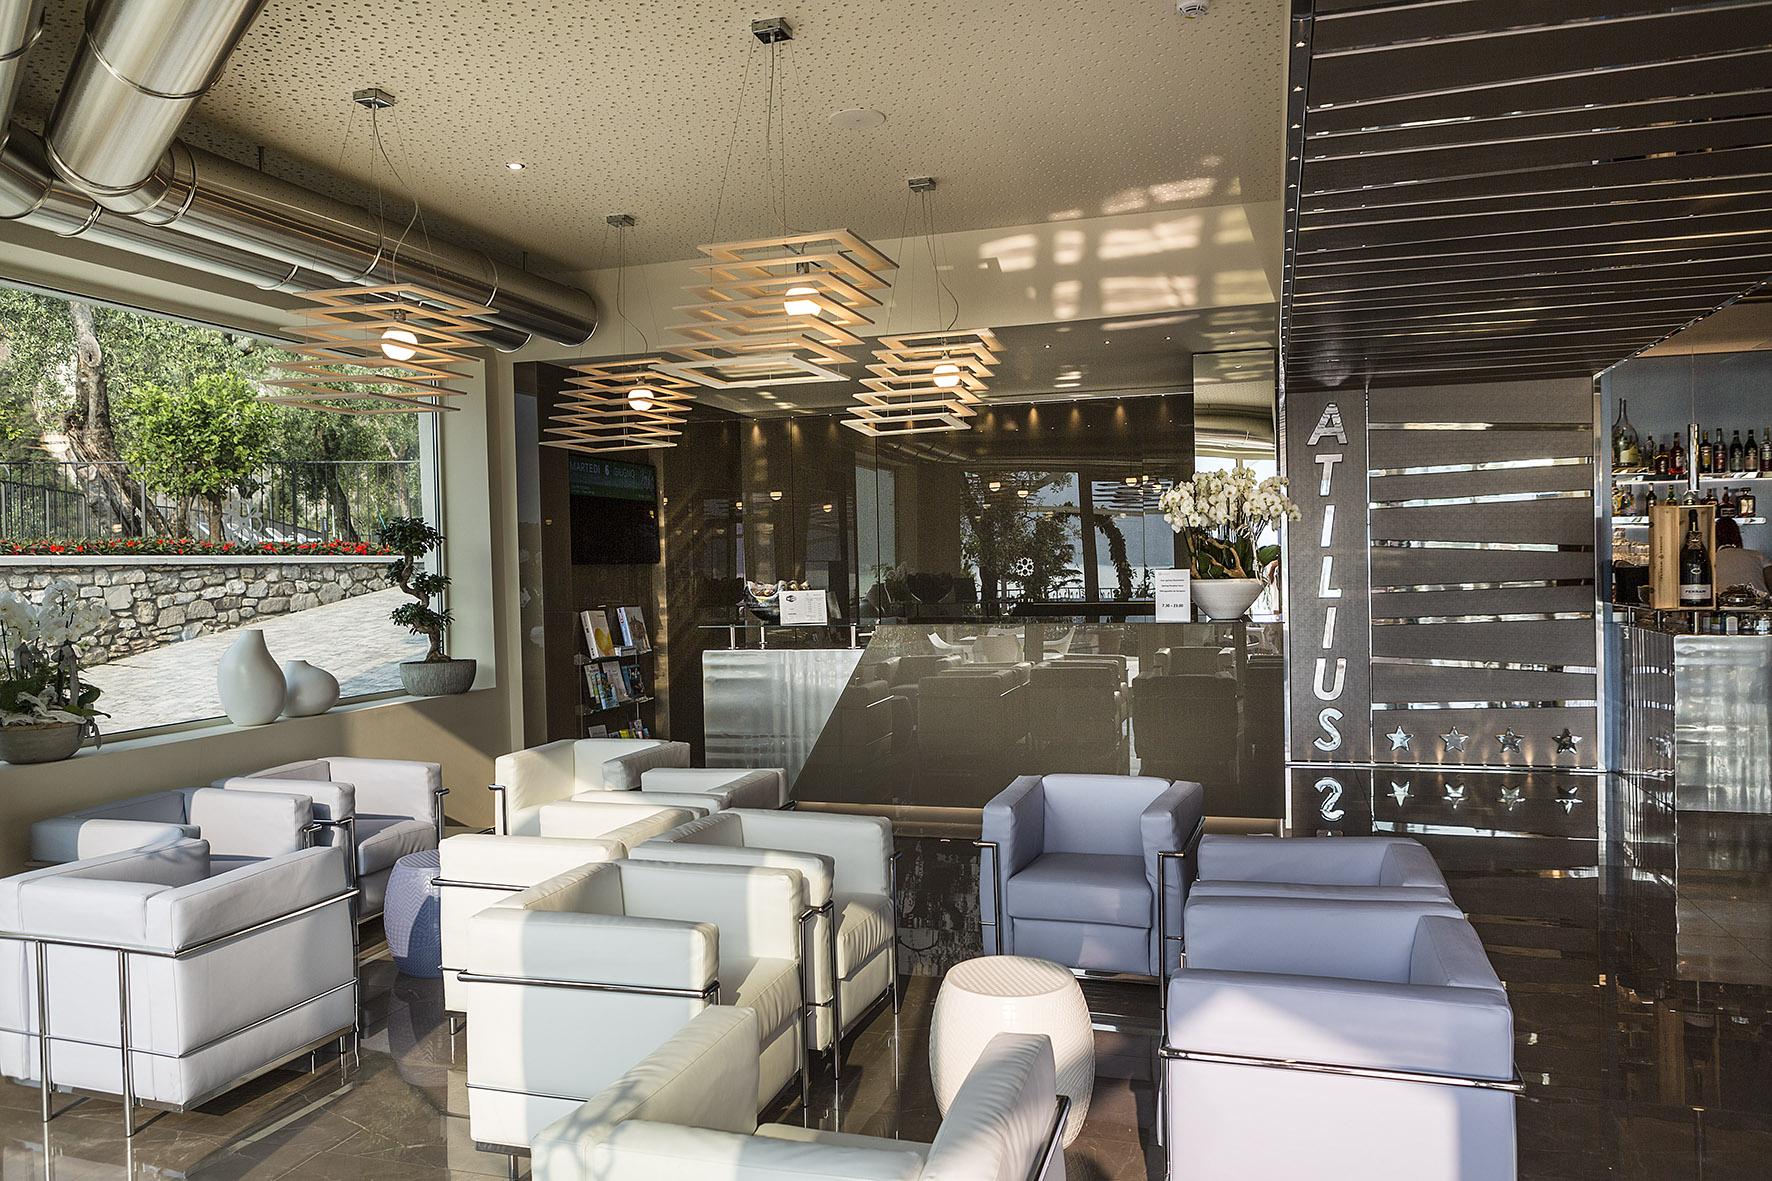 hotel_atilius_limone_sul_garda_4stelle_205.jpg